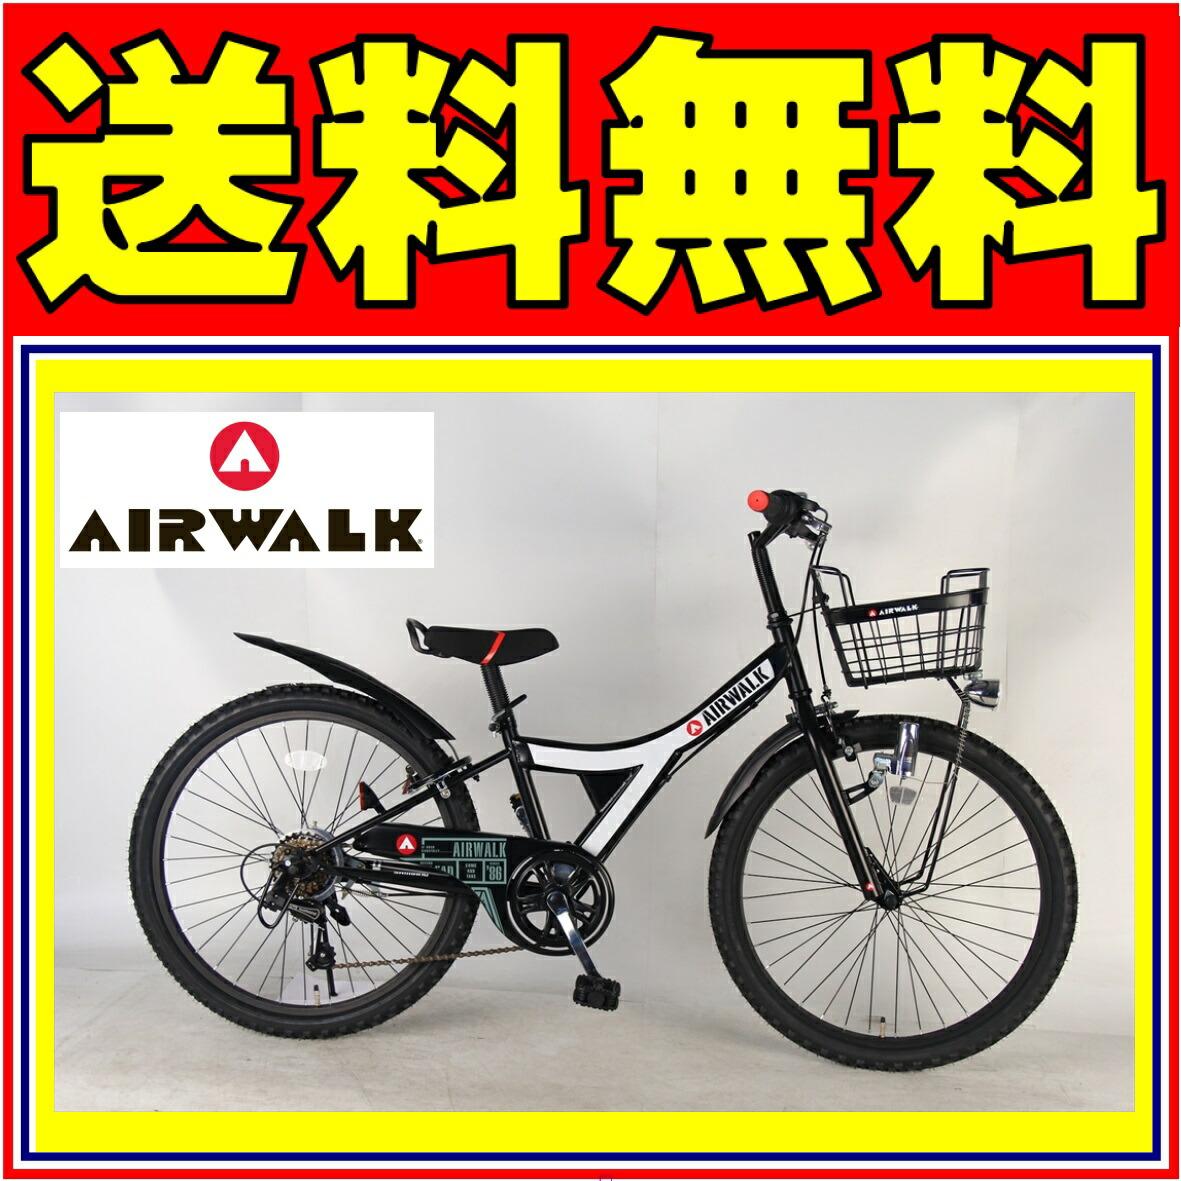 AIRWALK 自転車 子供車 マウンテンバイク ブラック 黒 子供用 男子小学生に最適 MTB BMX 22インチ 外装6段 エアーウォーク 17AW220240CTB 自転車 マウンテンバイク 男の子キッズ 自転車 ジュニア